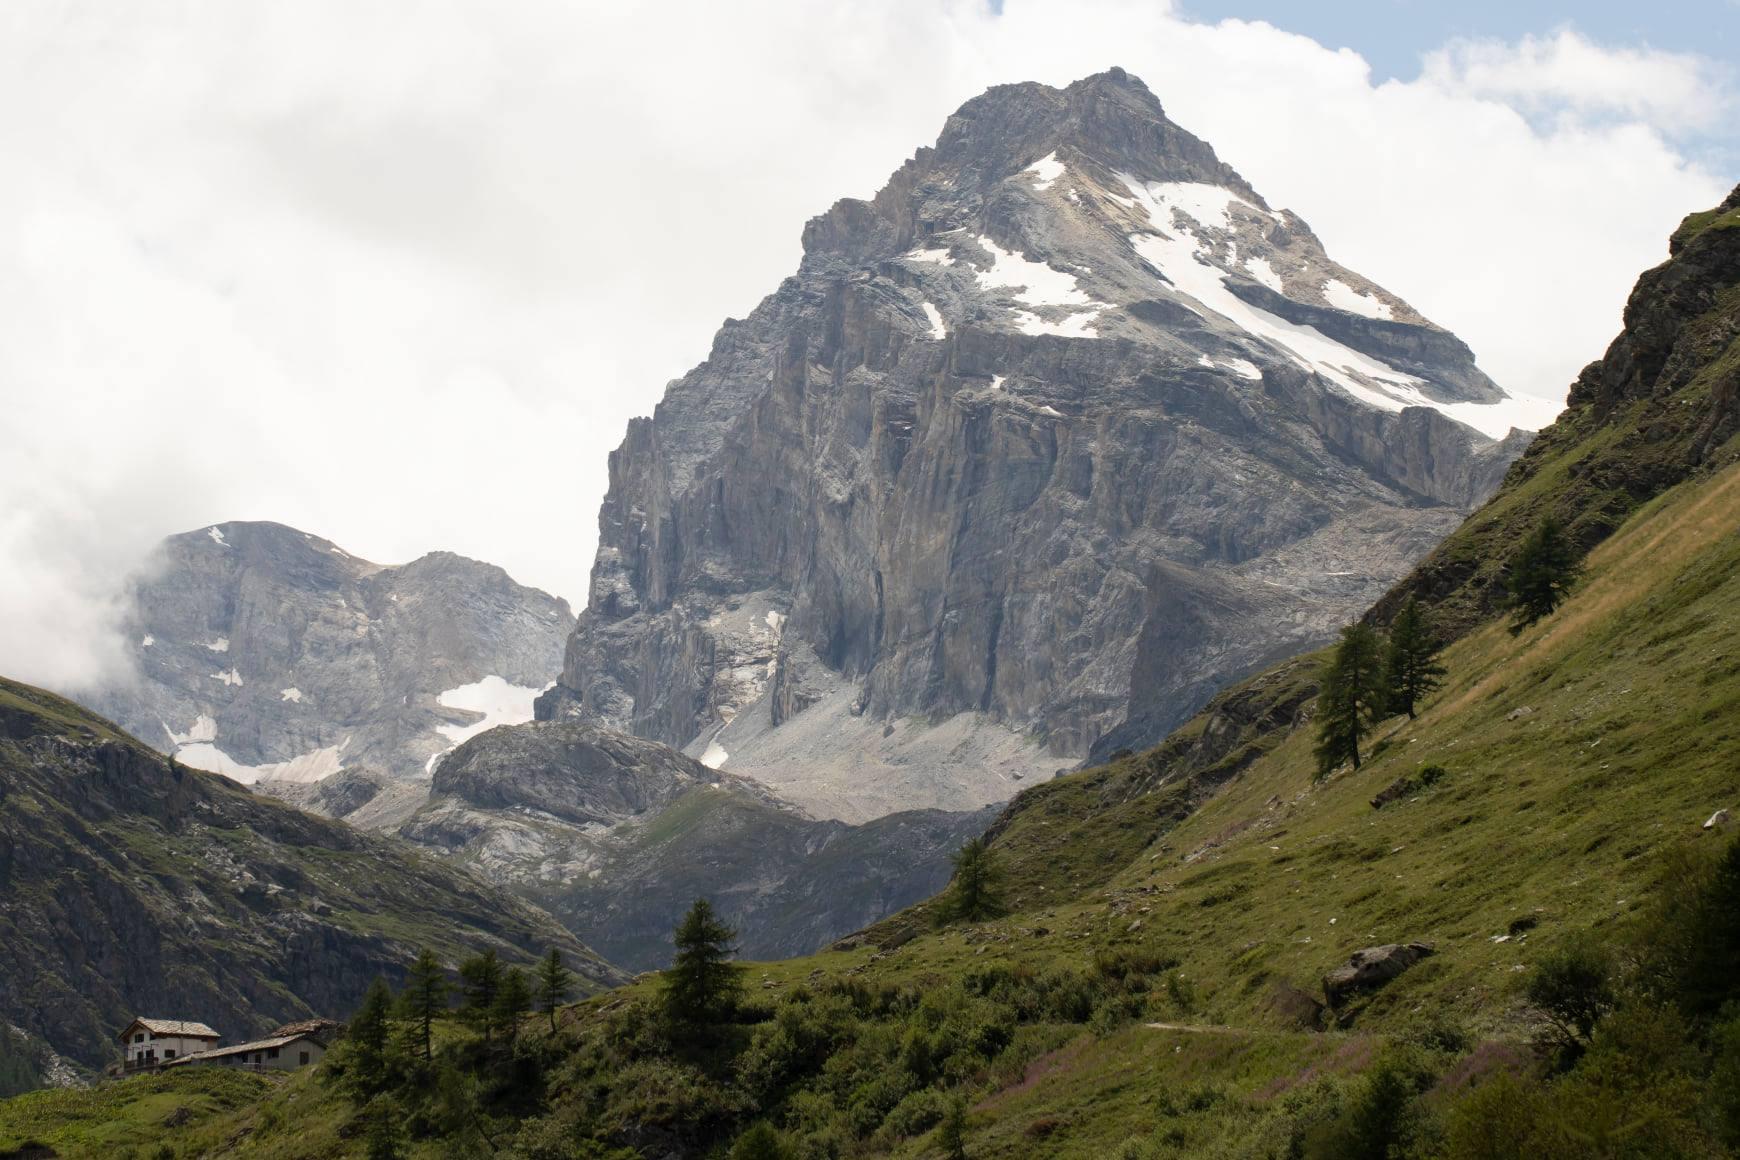 uitzicht op een berg met sneeuw in de Aosta vallei